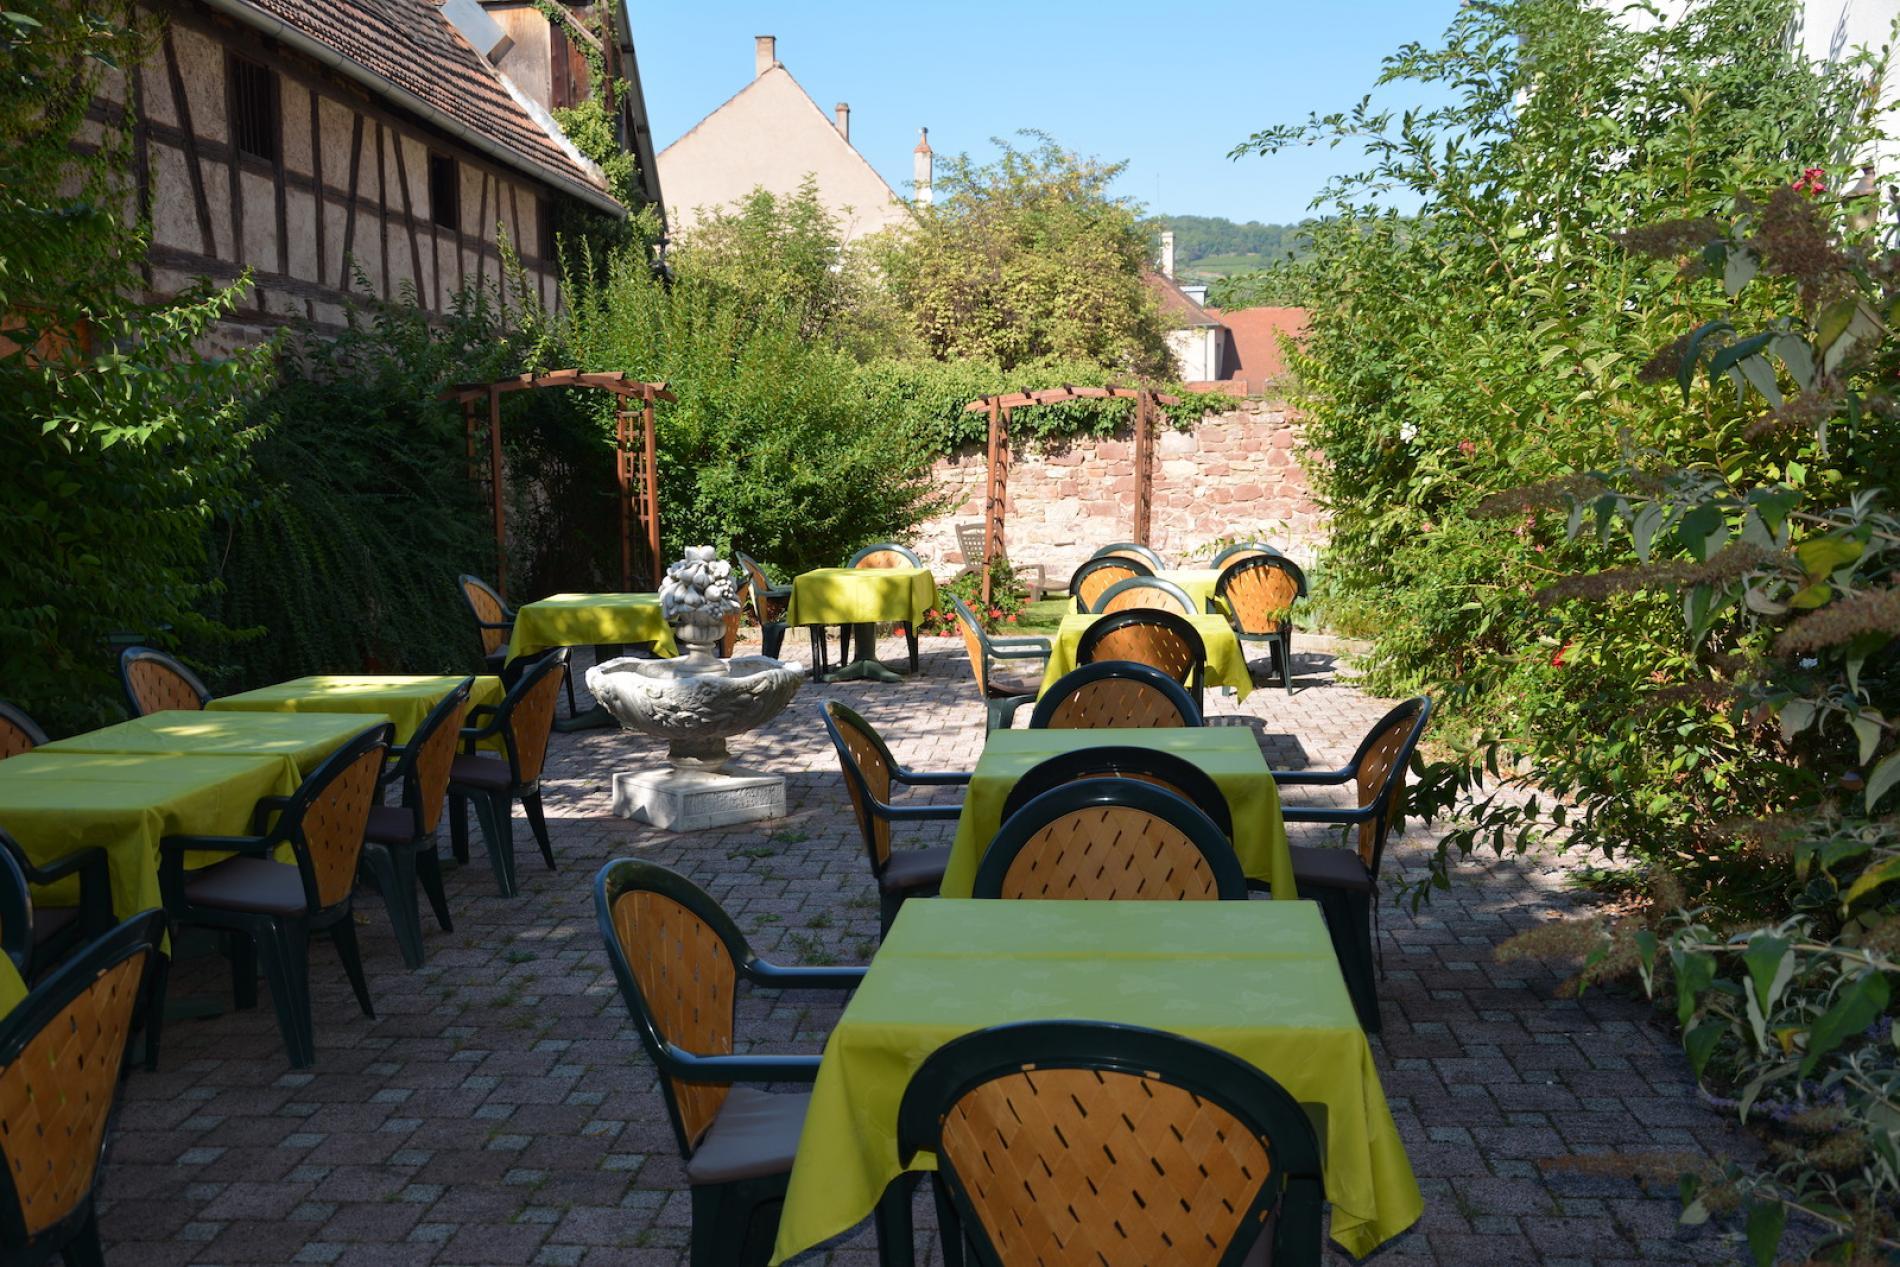 Logis Cosy pour une Escapade détente à Molsheim<br> Le Patio pour se détendre et prendre le petit-déjeuner